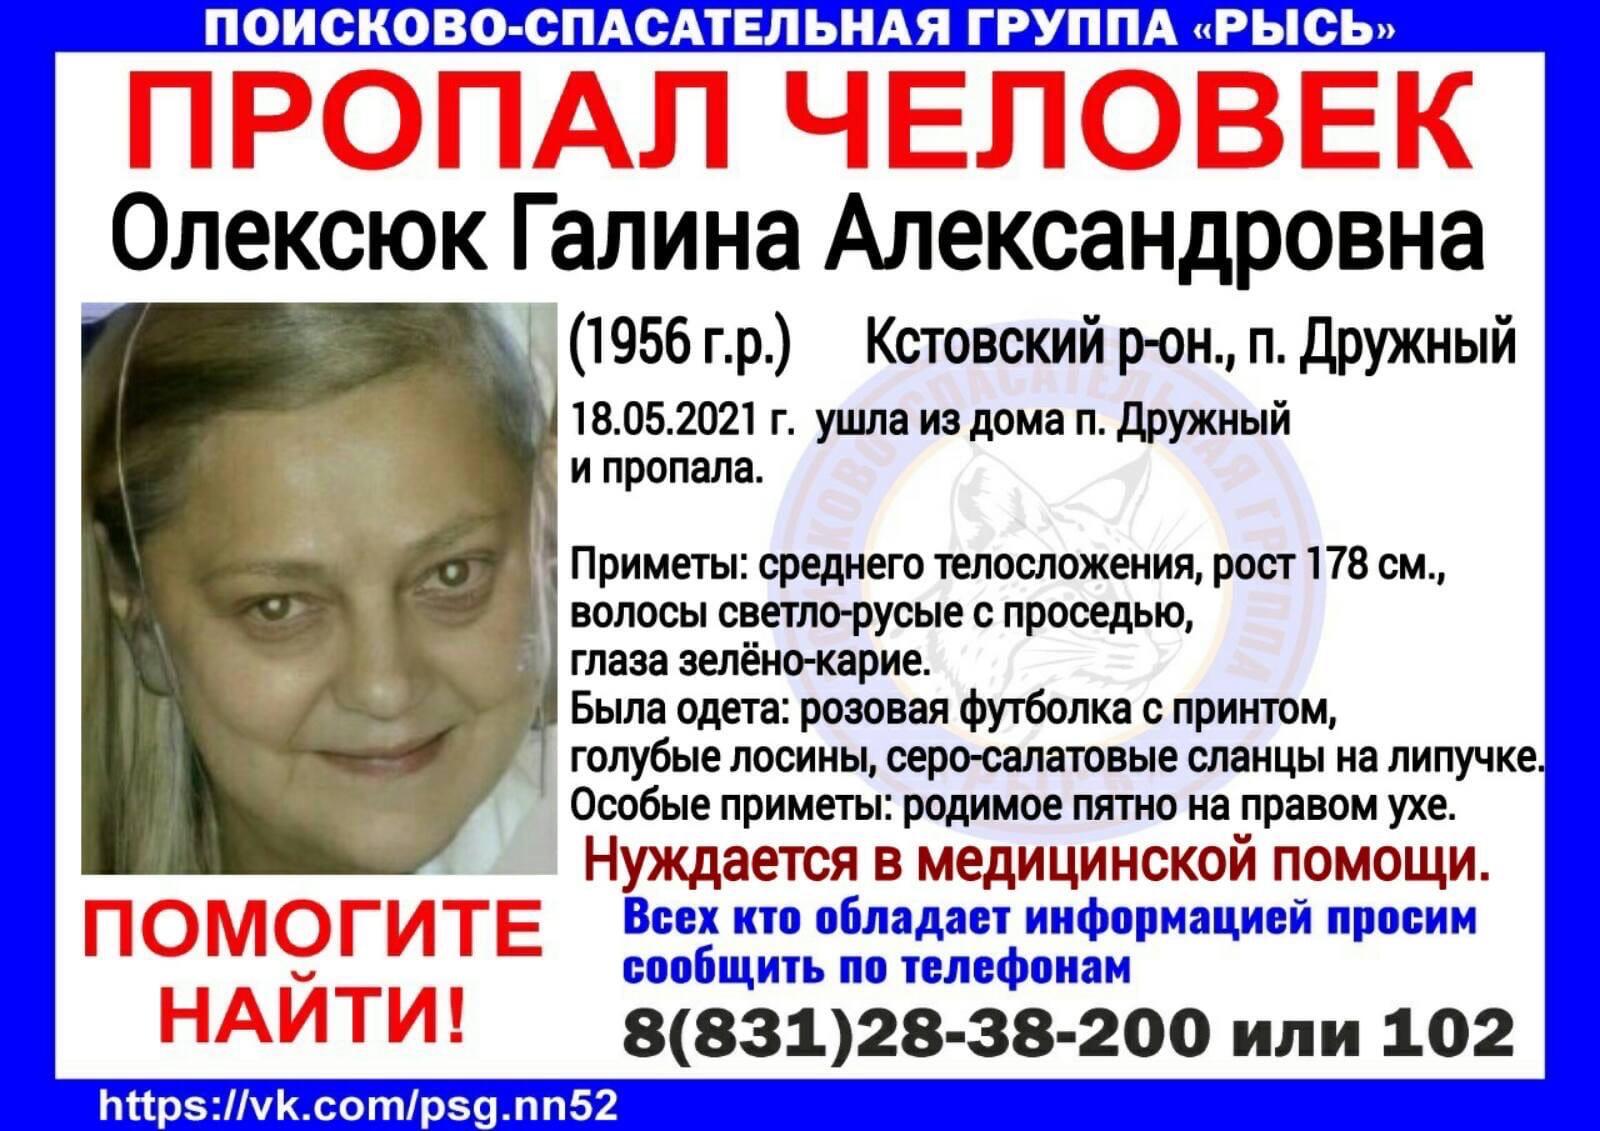 Олексюк Галина Александровна